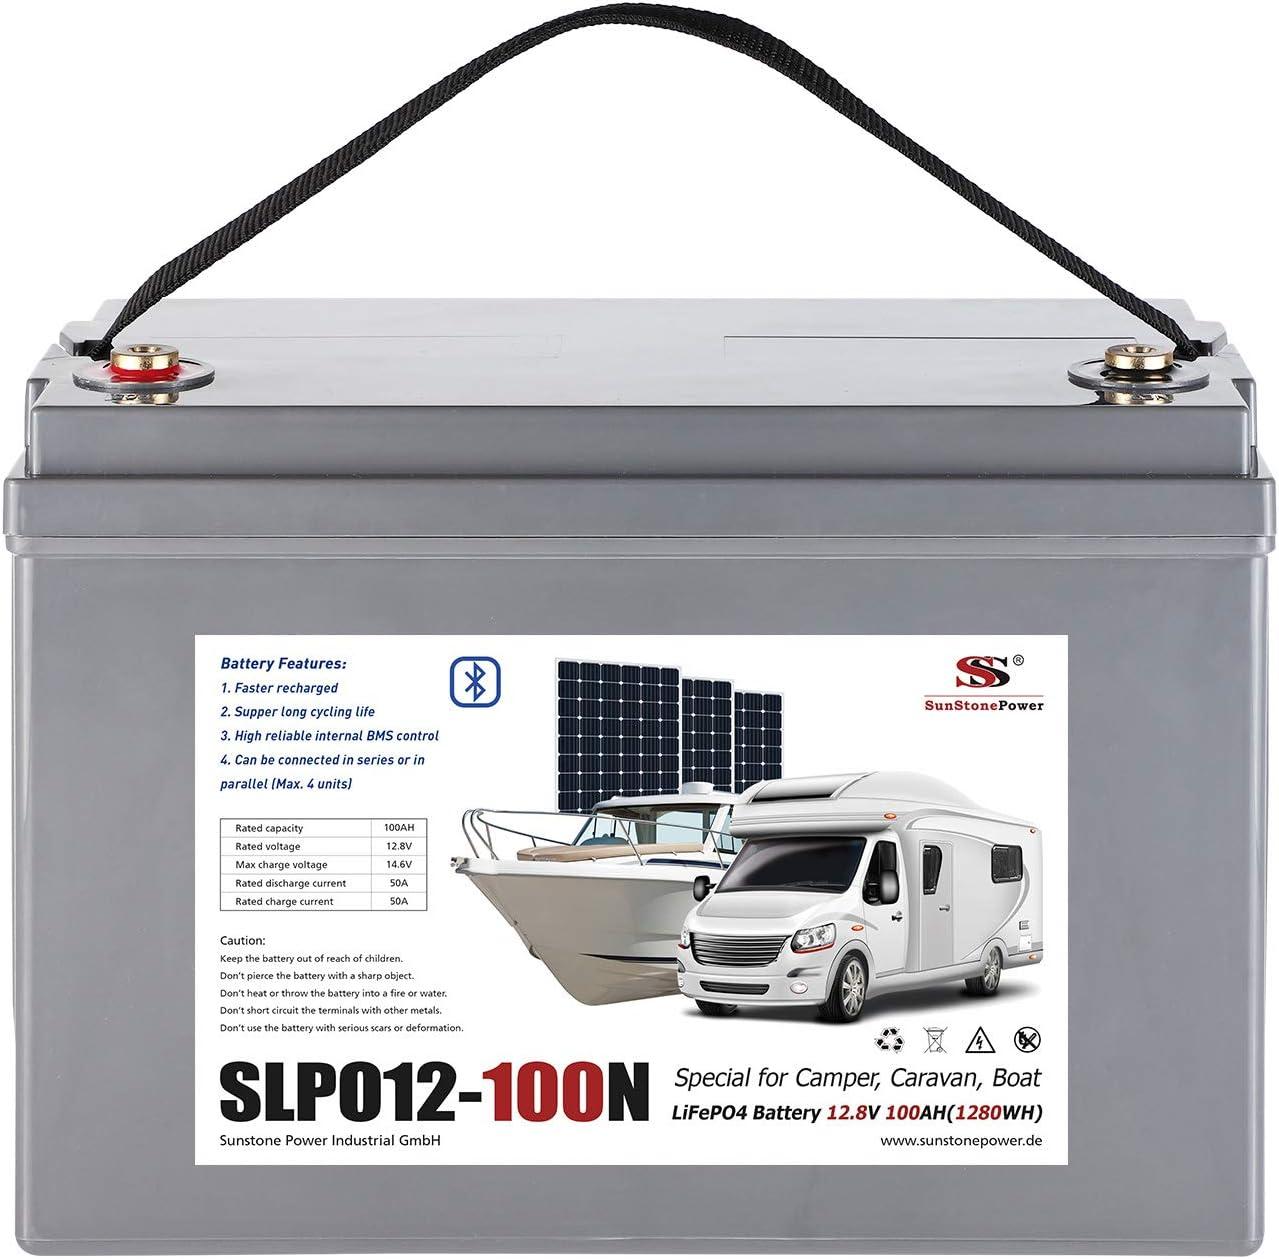 Sunstone Power Lifepo4 12v 100ah Lithiumbatterie Smart Elektronik